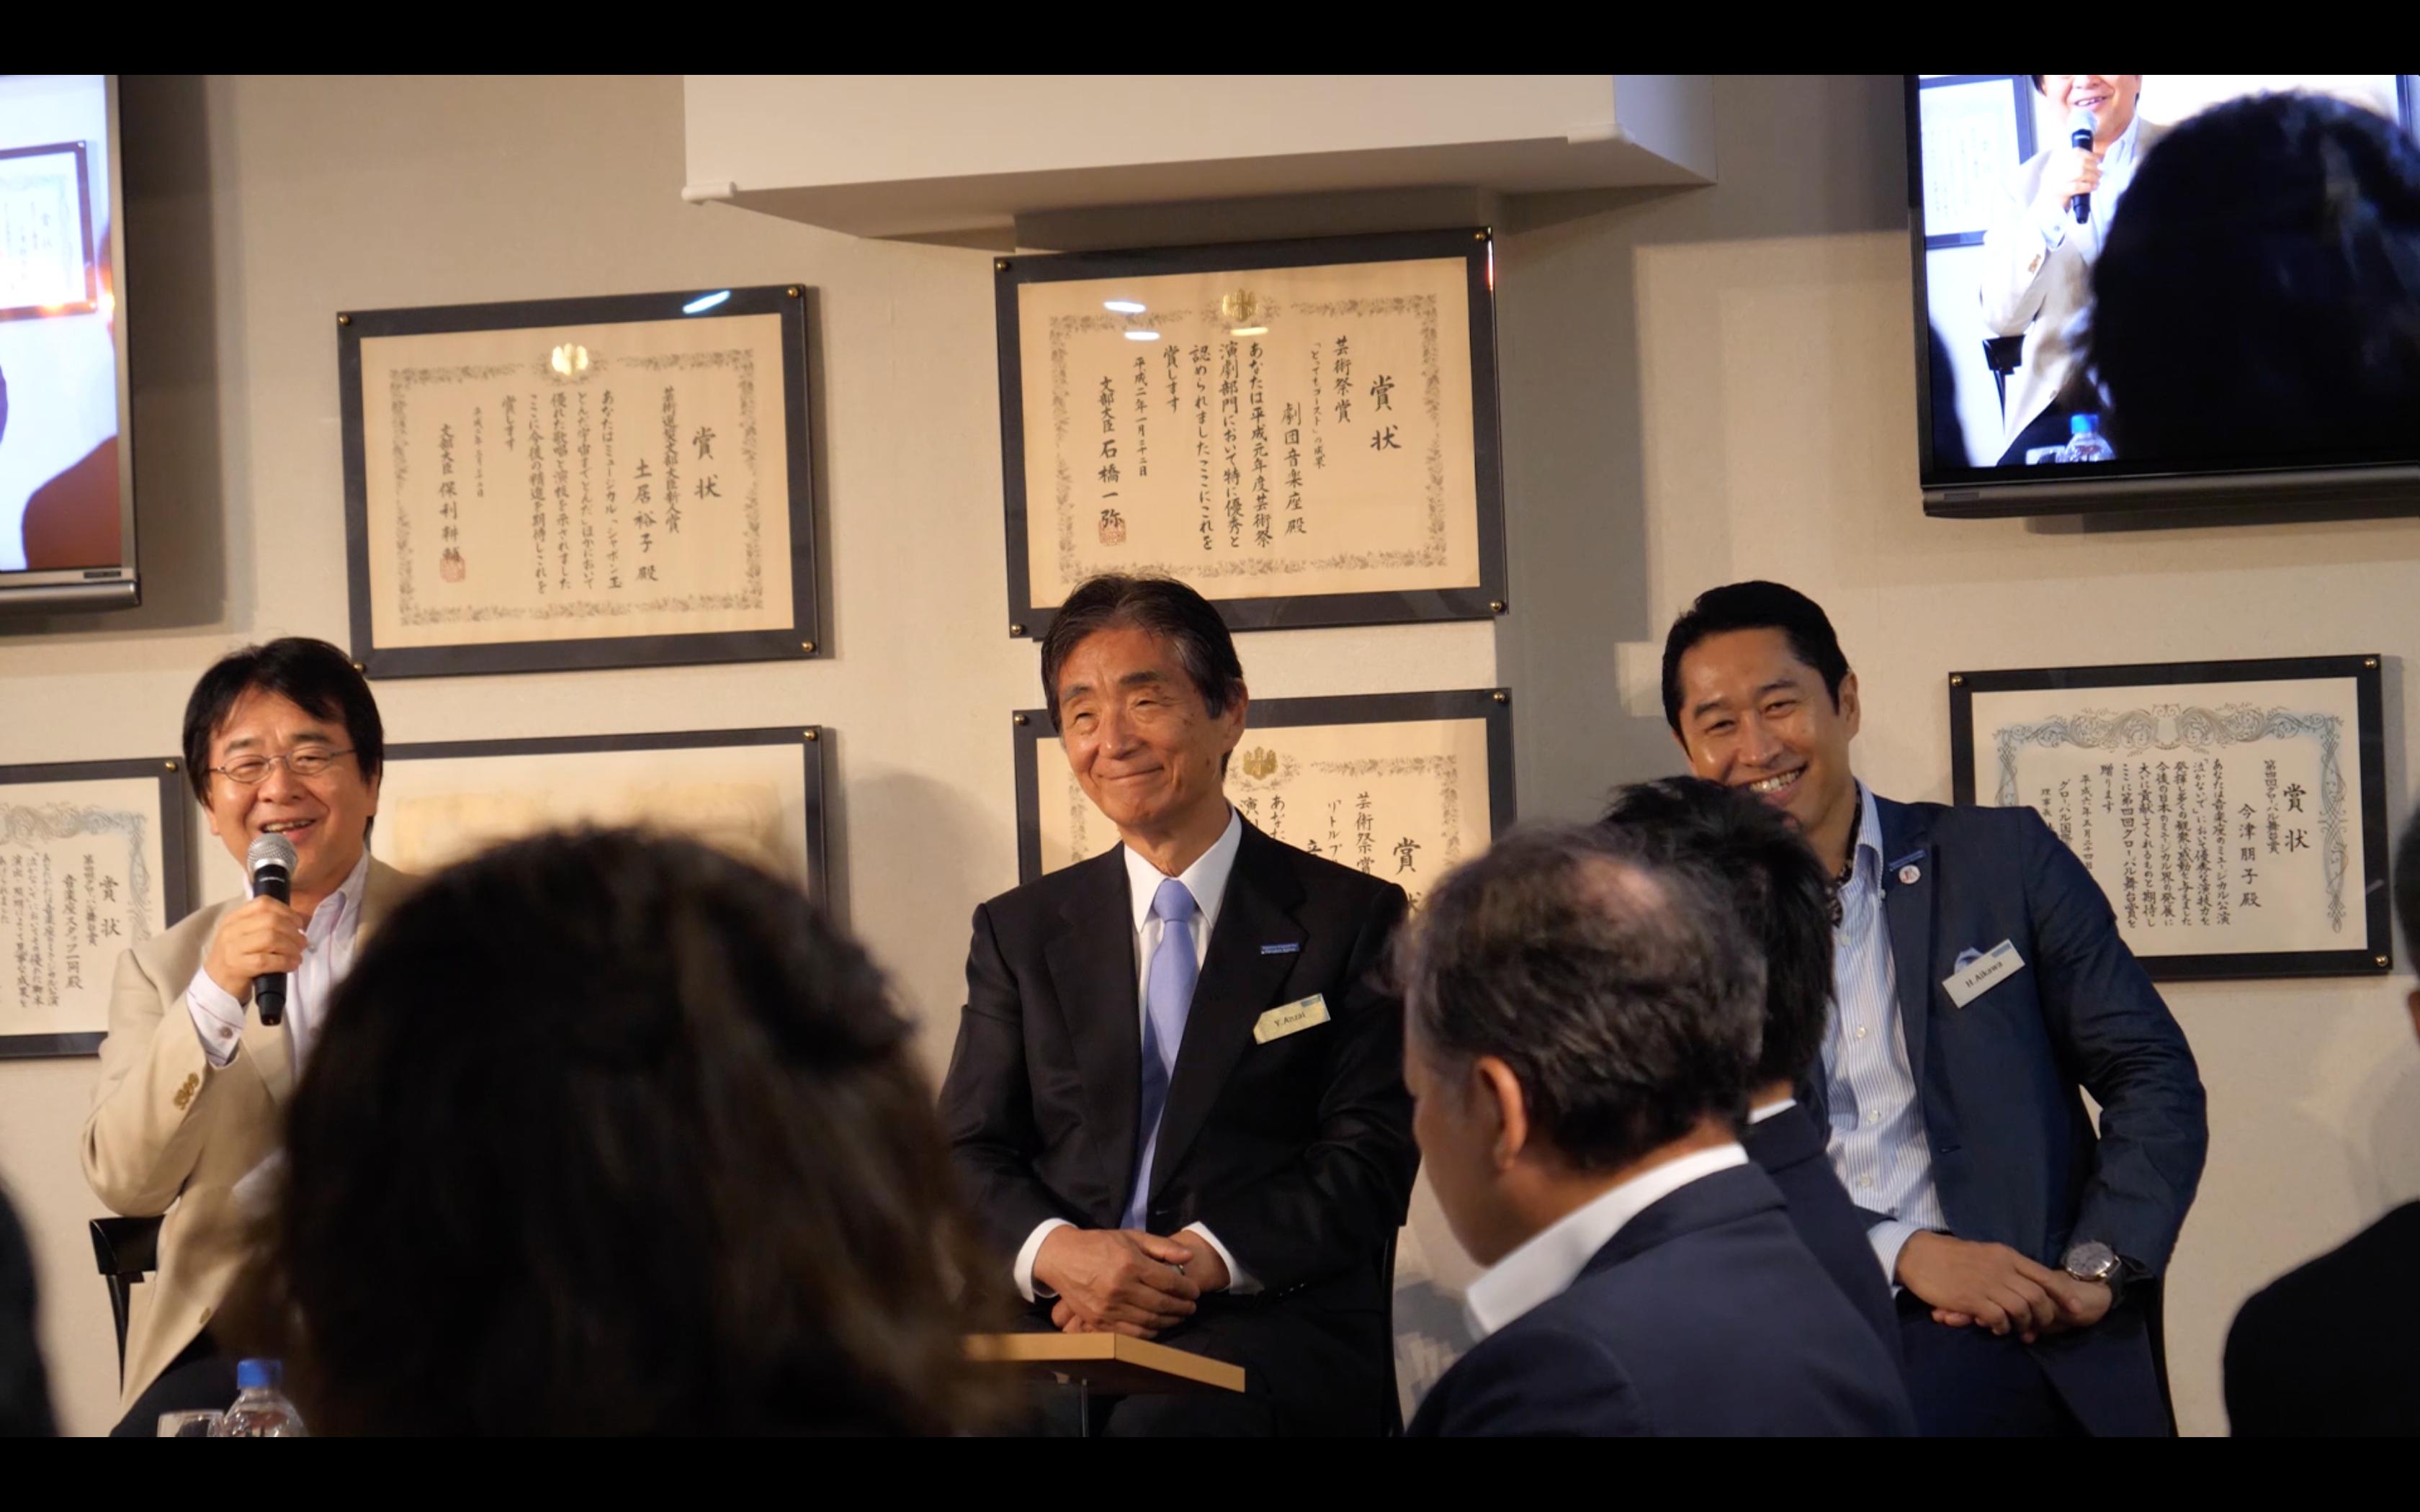 竹中平蔵氏、安西祐一郎氏、有志により発足 「教育改革推進協議会」は何をもたらすか?